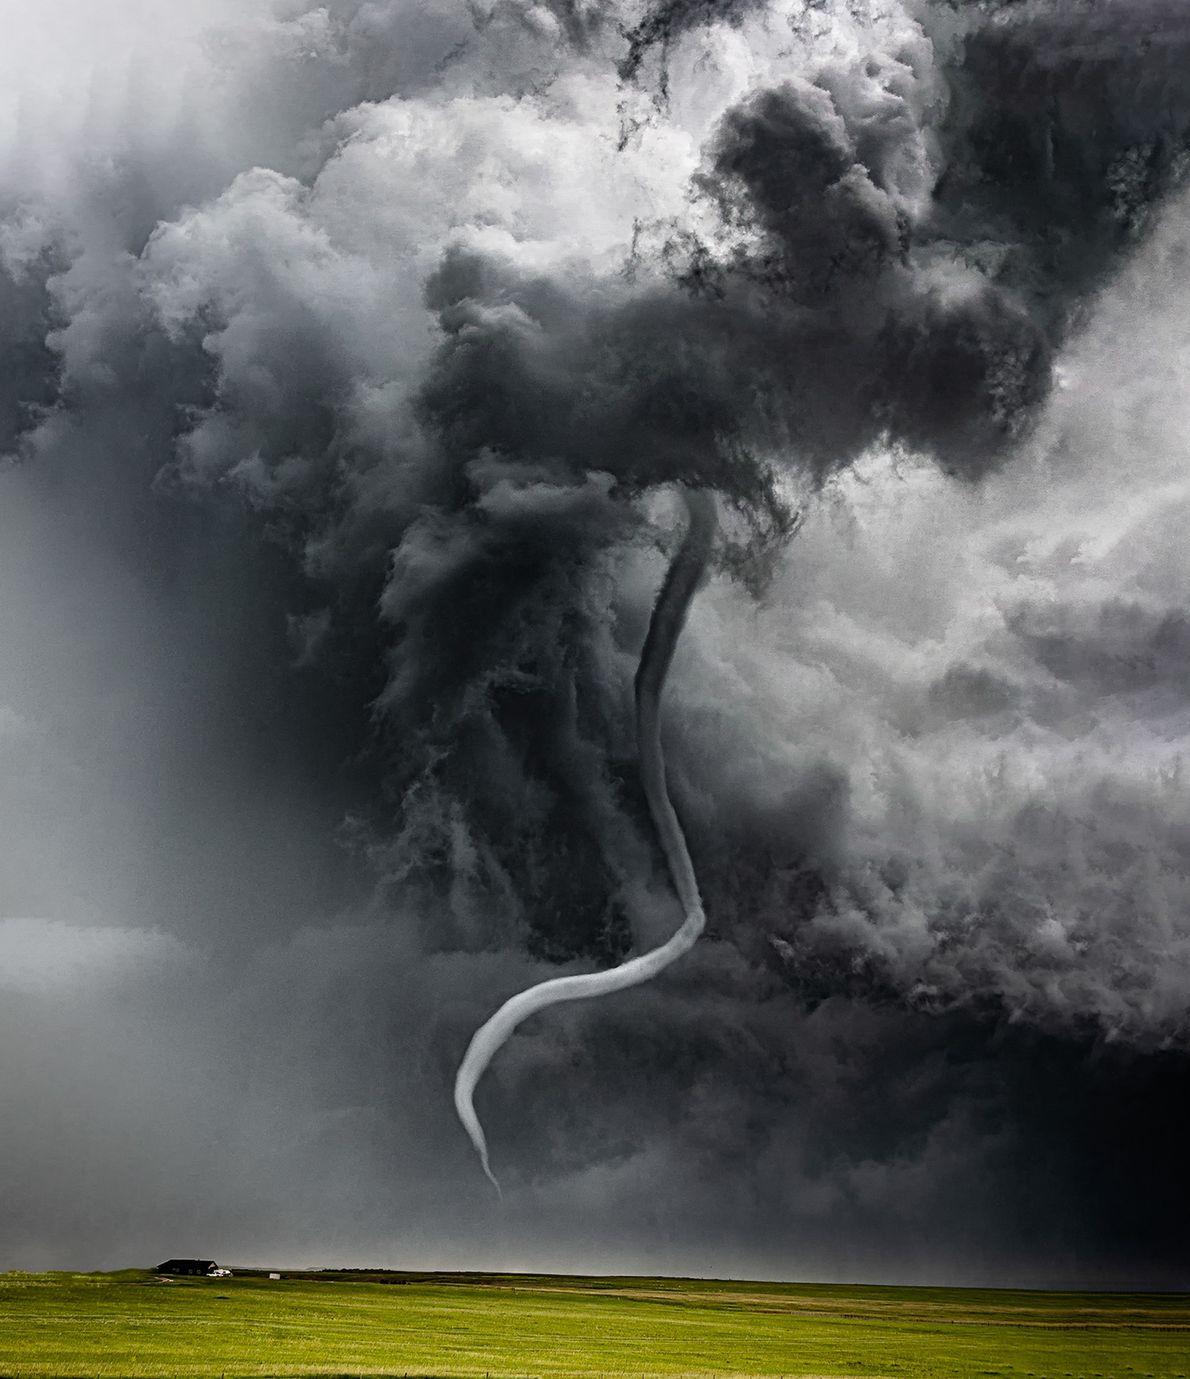 Tornado próximo à cidade de Chugwater, no estado americano de Wyoming.